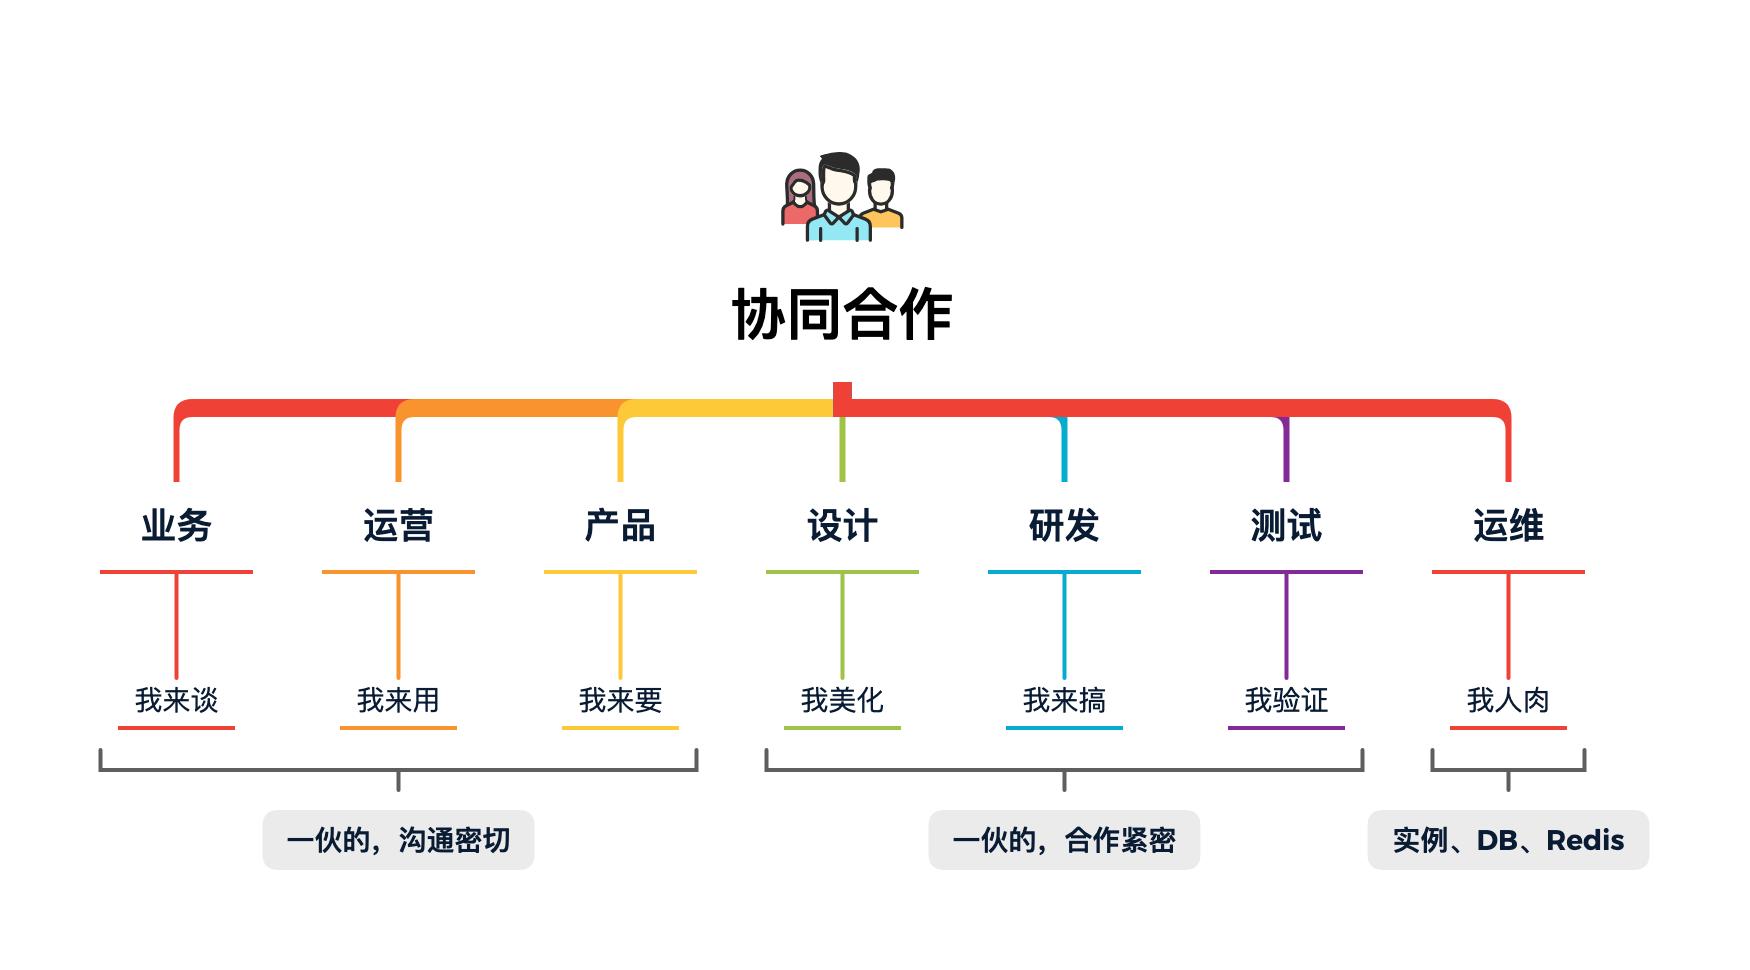 图 18-1 互联网工种协同合作